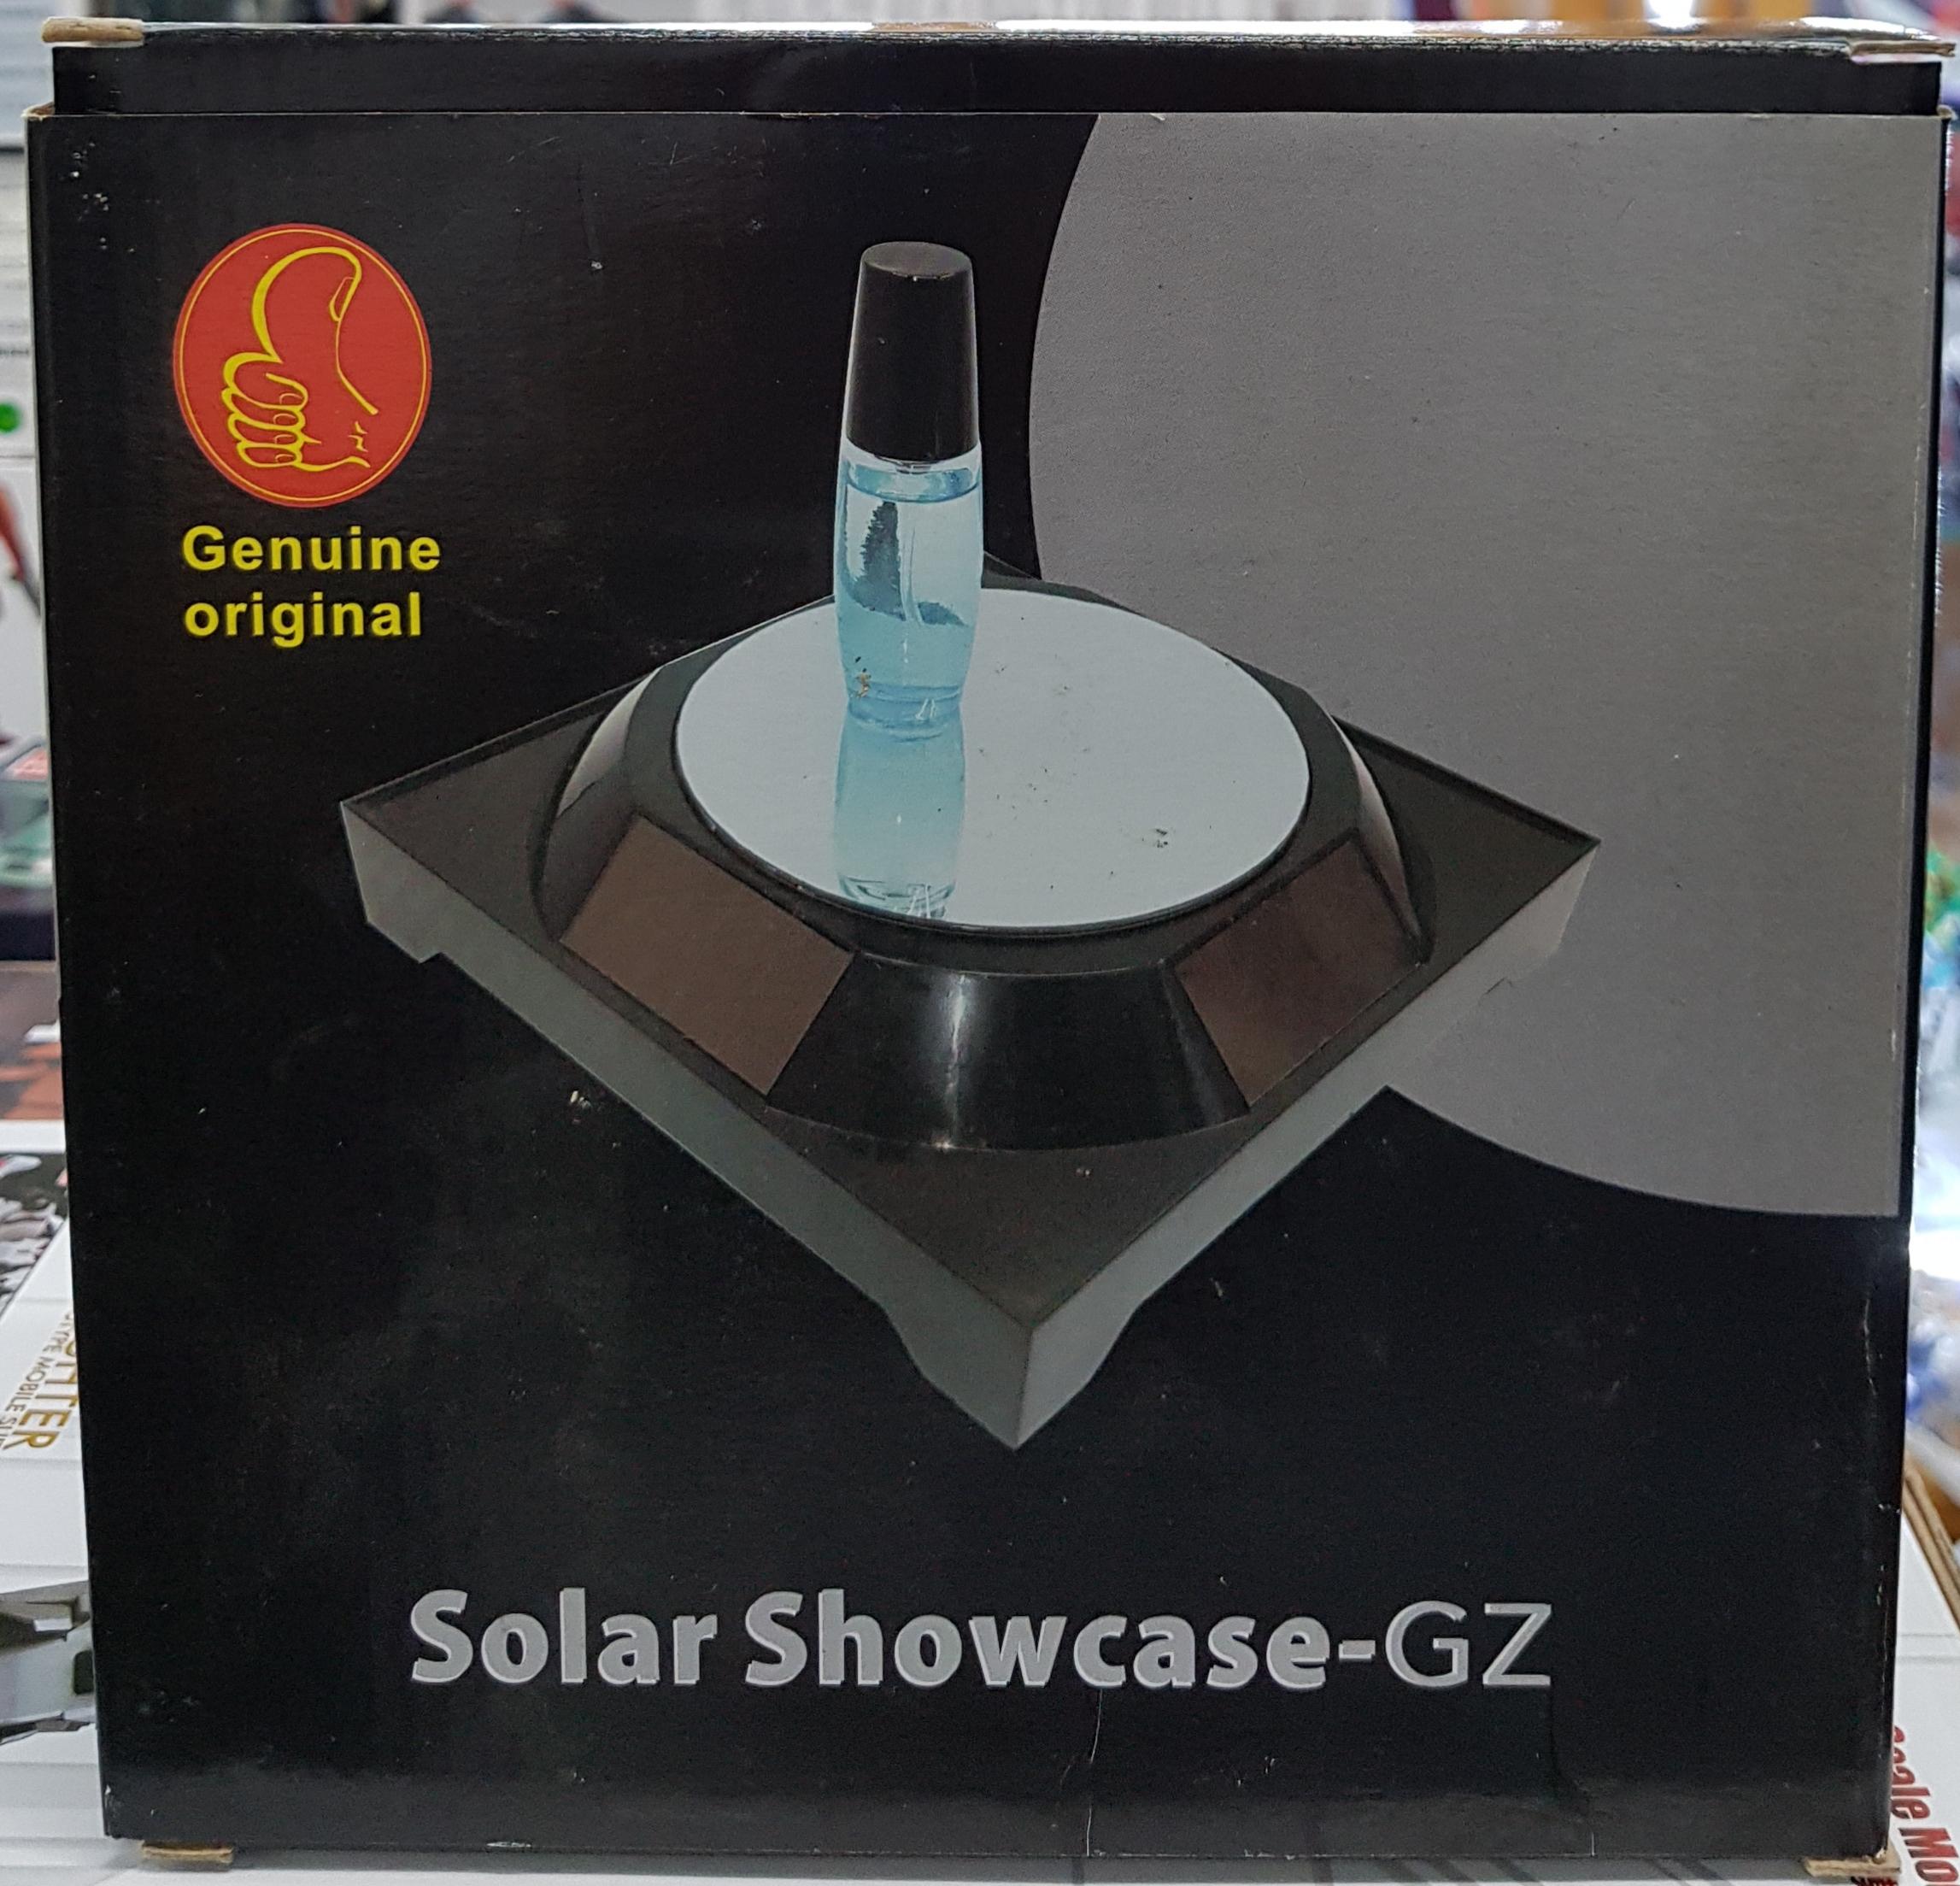 Solar Showcase-gz [Genuine Original] สีขาว